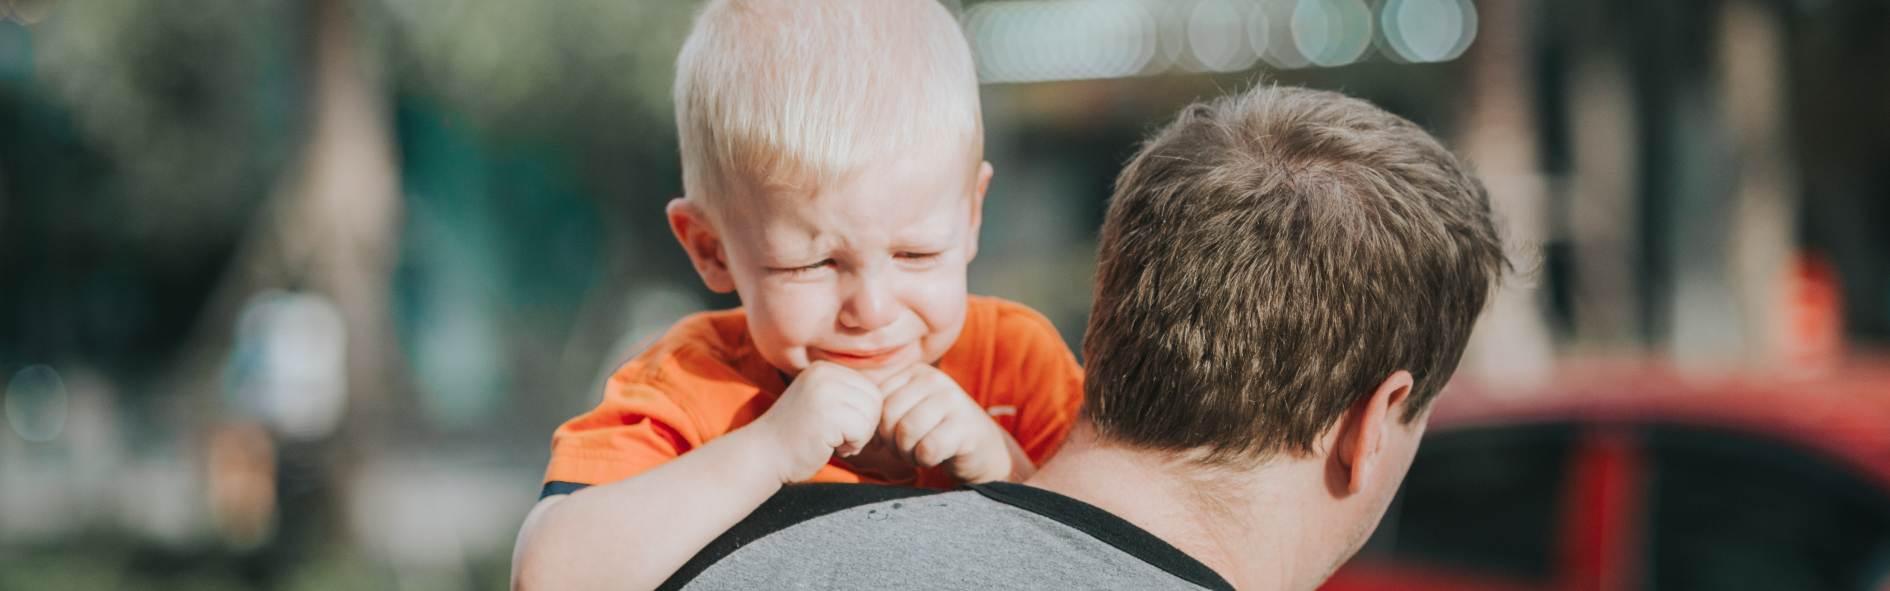 síntomas de la ansiedad infantil